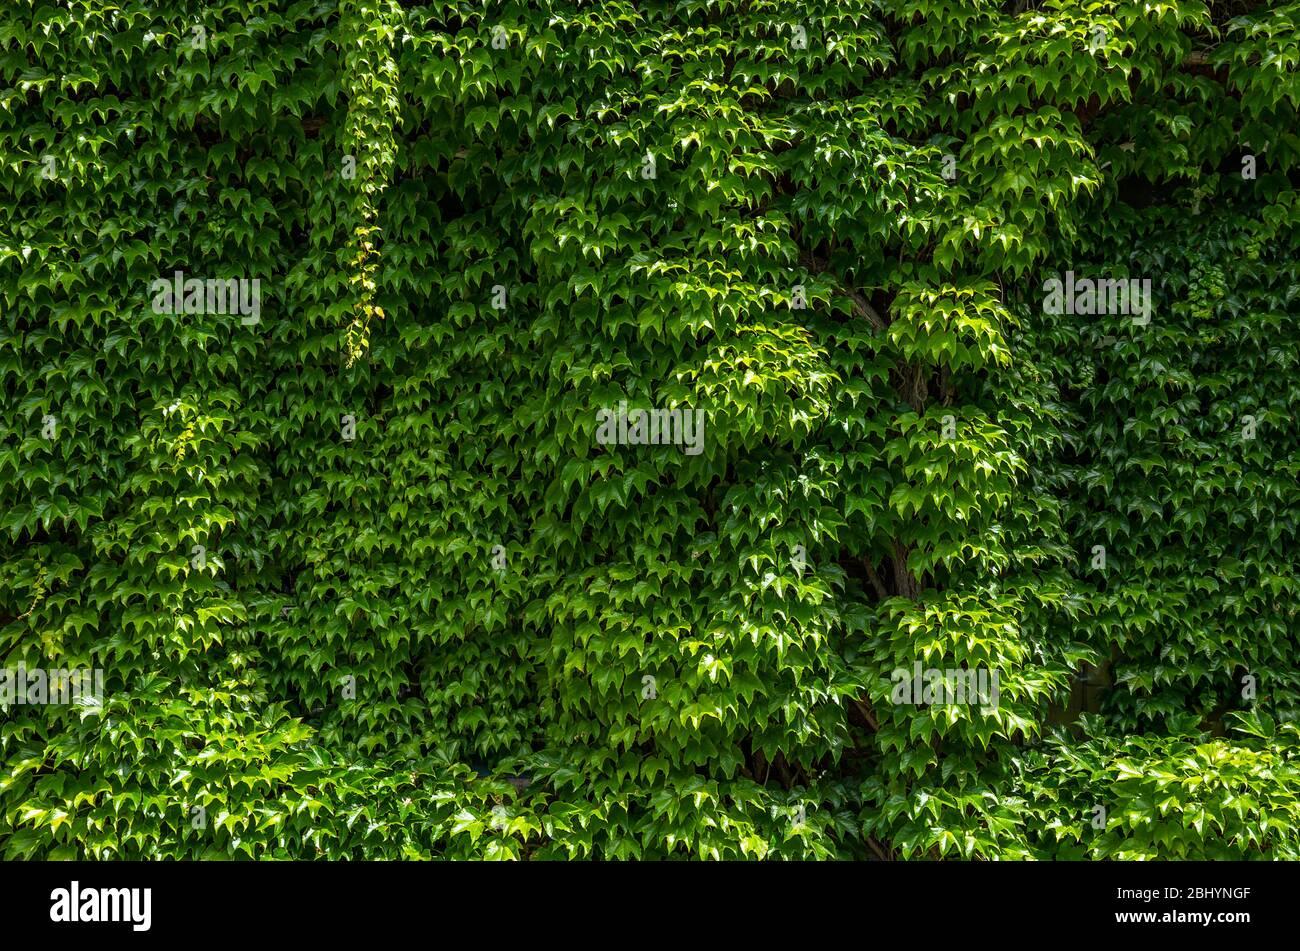 Ivy erstreckt sich auf einer Hauswand. Stockfoto